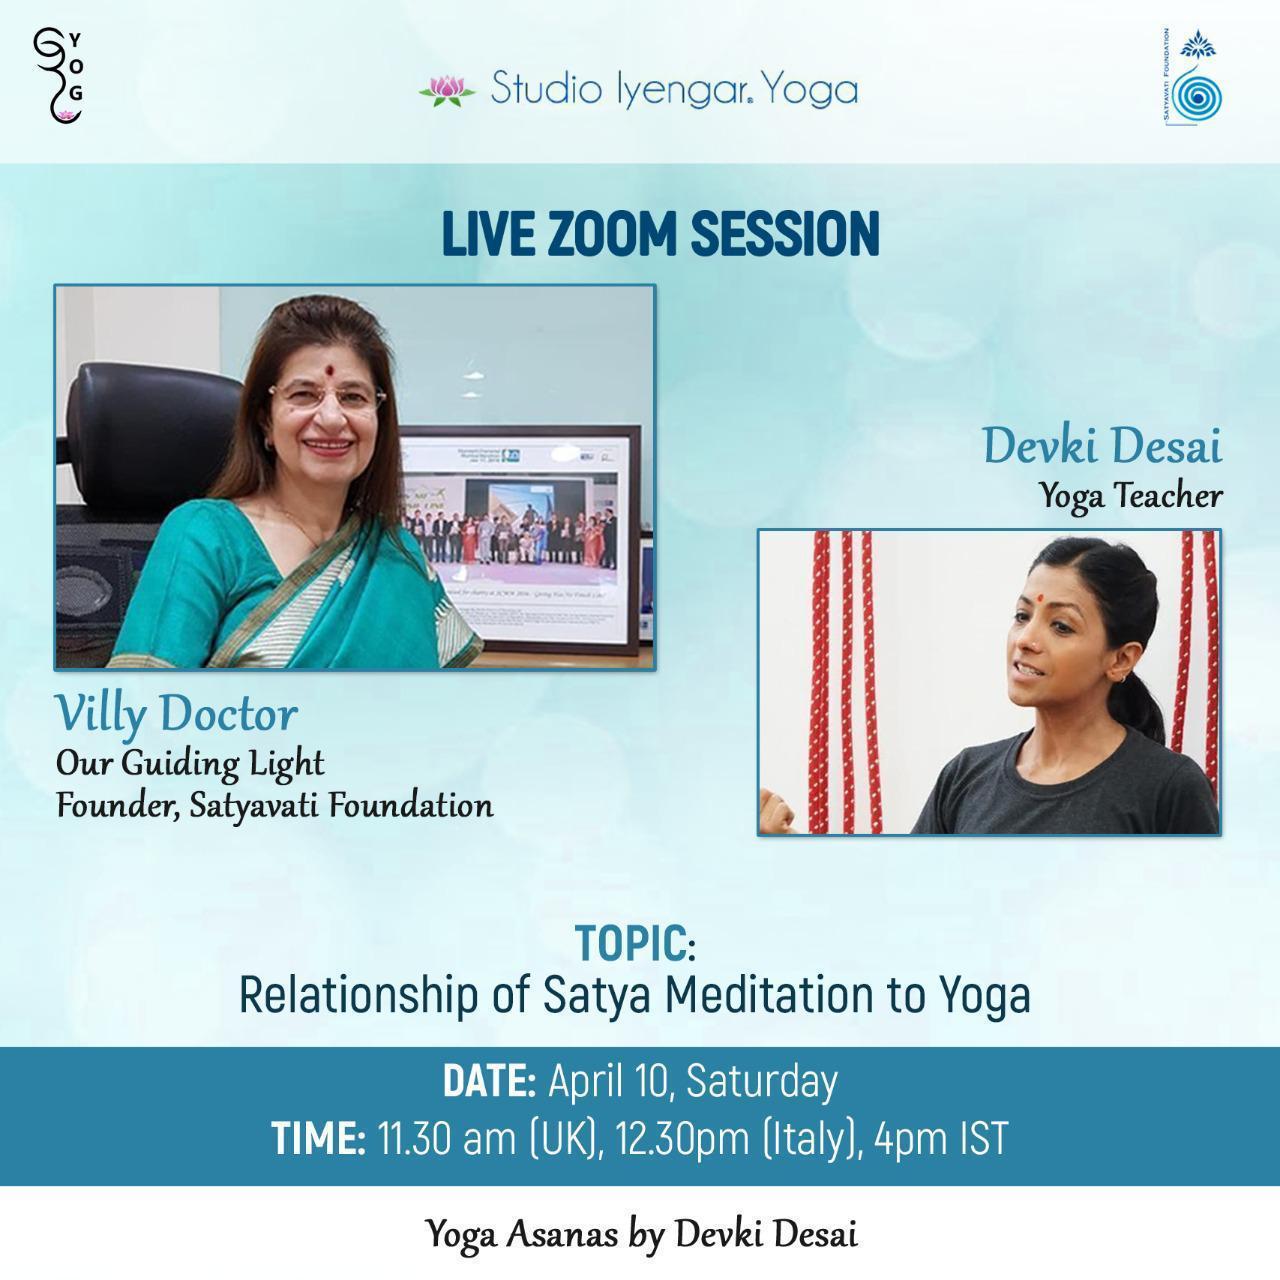 #yoga #Meditation #yogainforesthill #iyengaryoga #onlineyoga #robbieyoga #graziayoga #yogamat #yogaprop